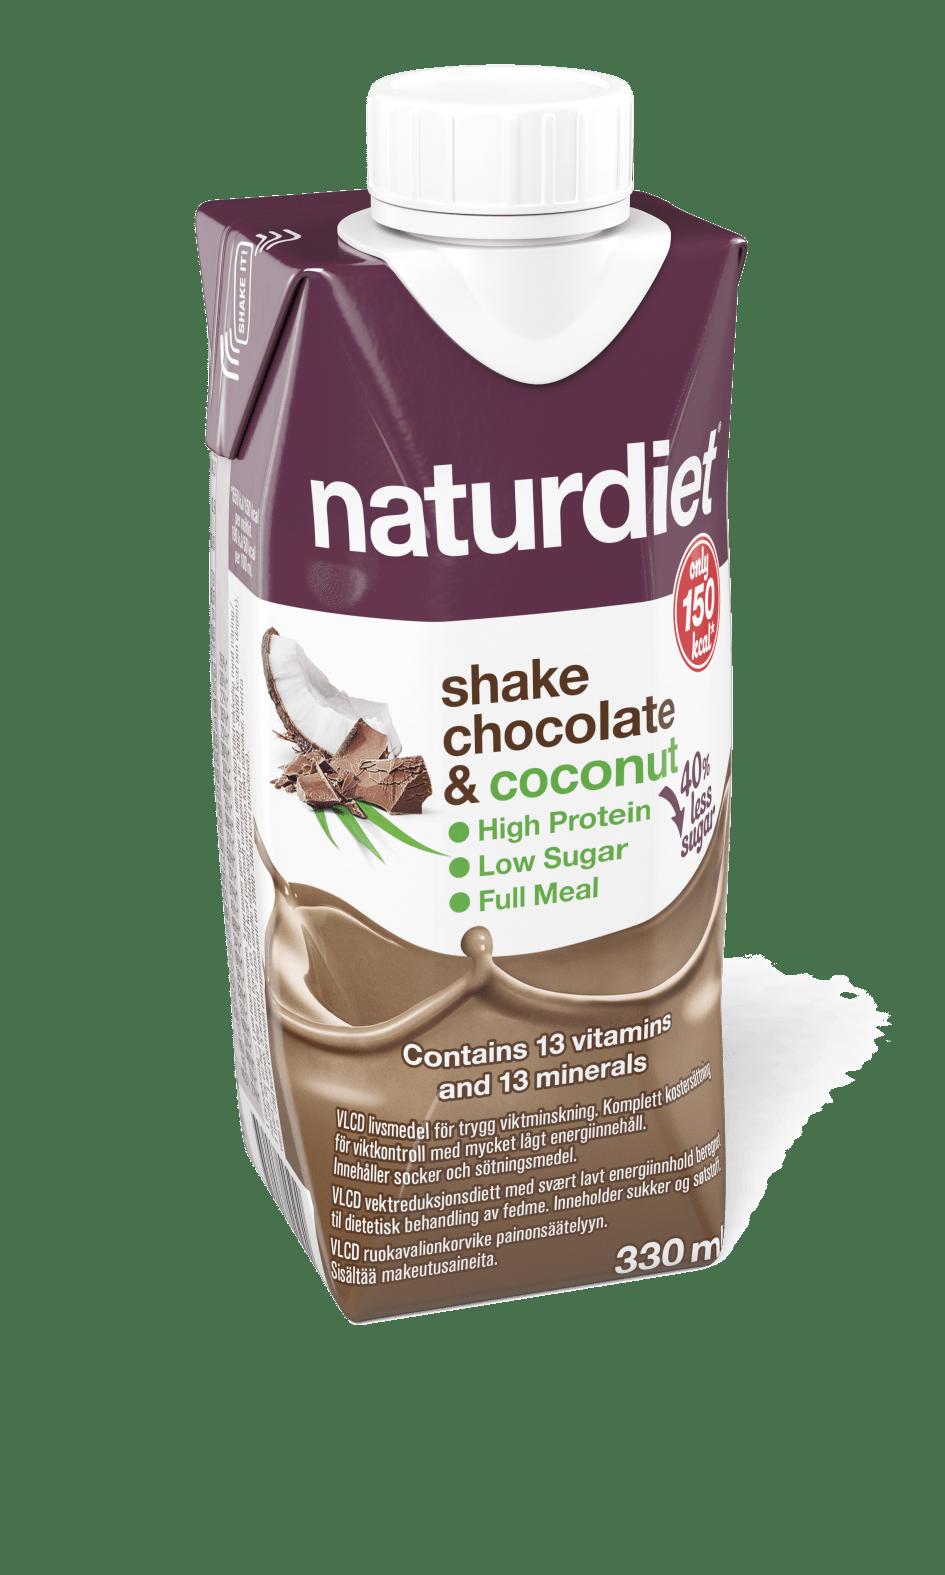 naturdiet shake chocolate